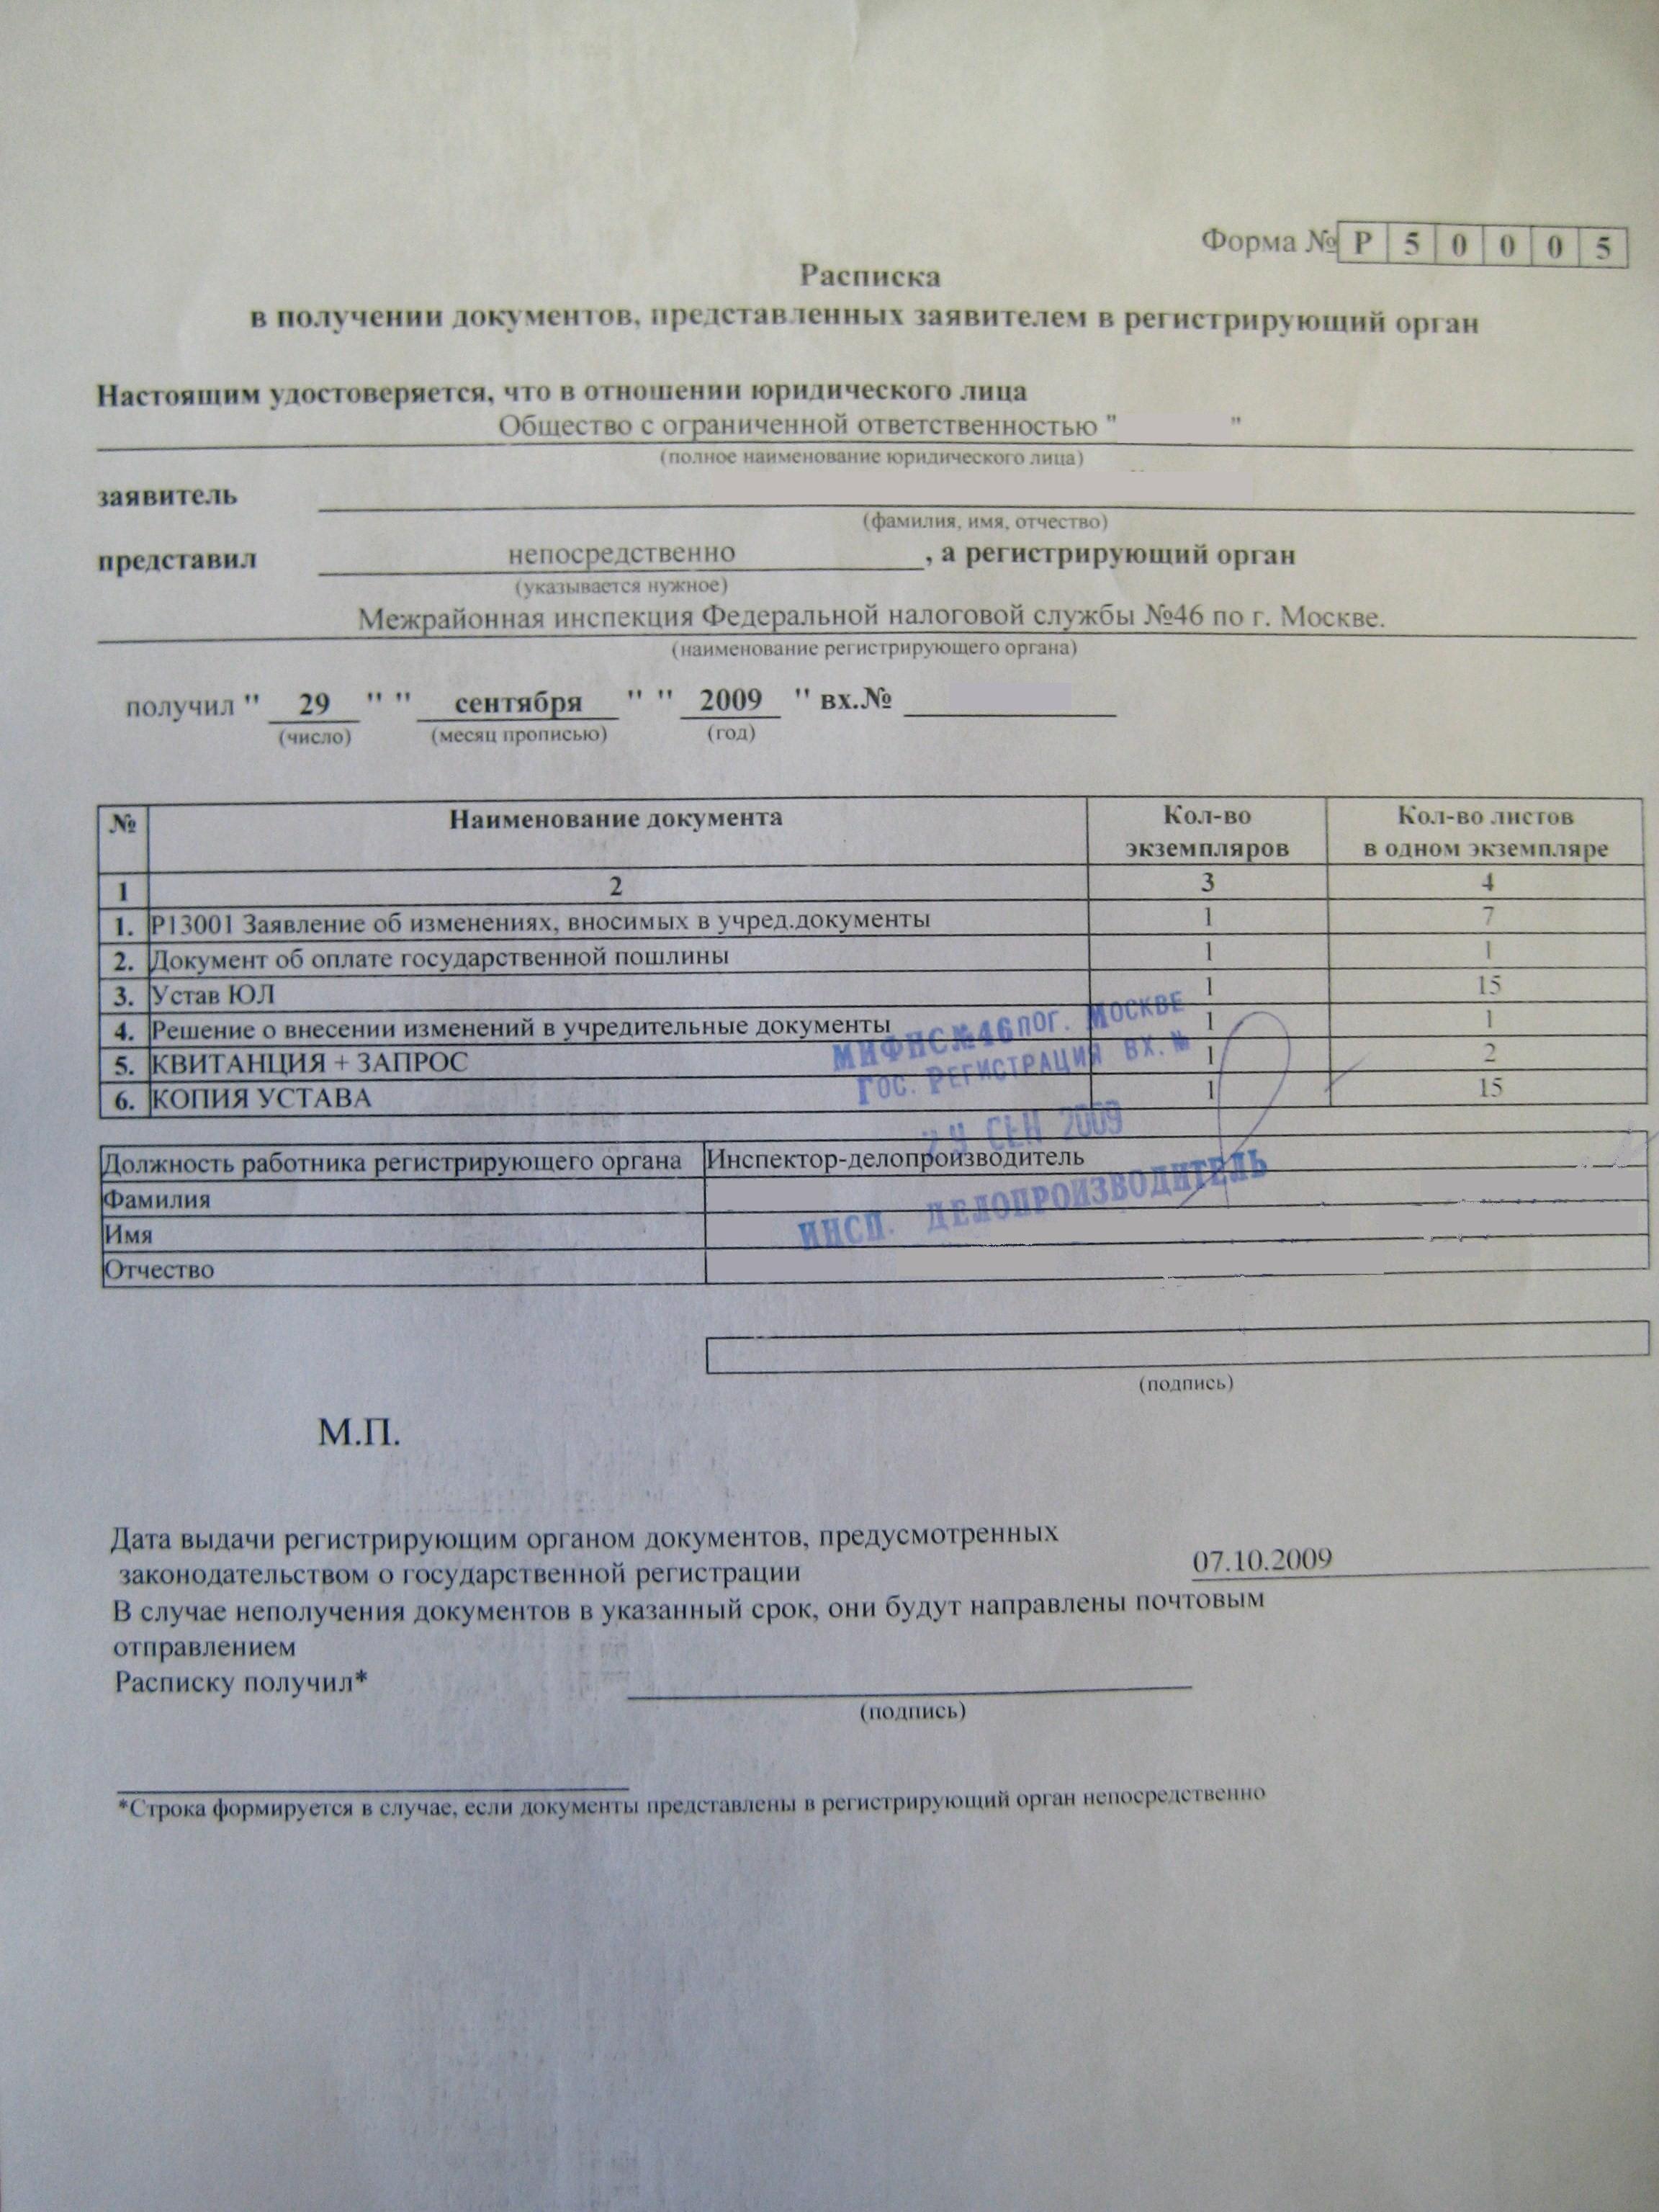 образец протокола ооо о смене юридического адреса